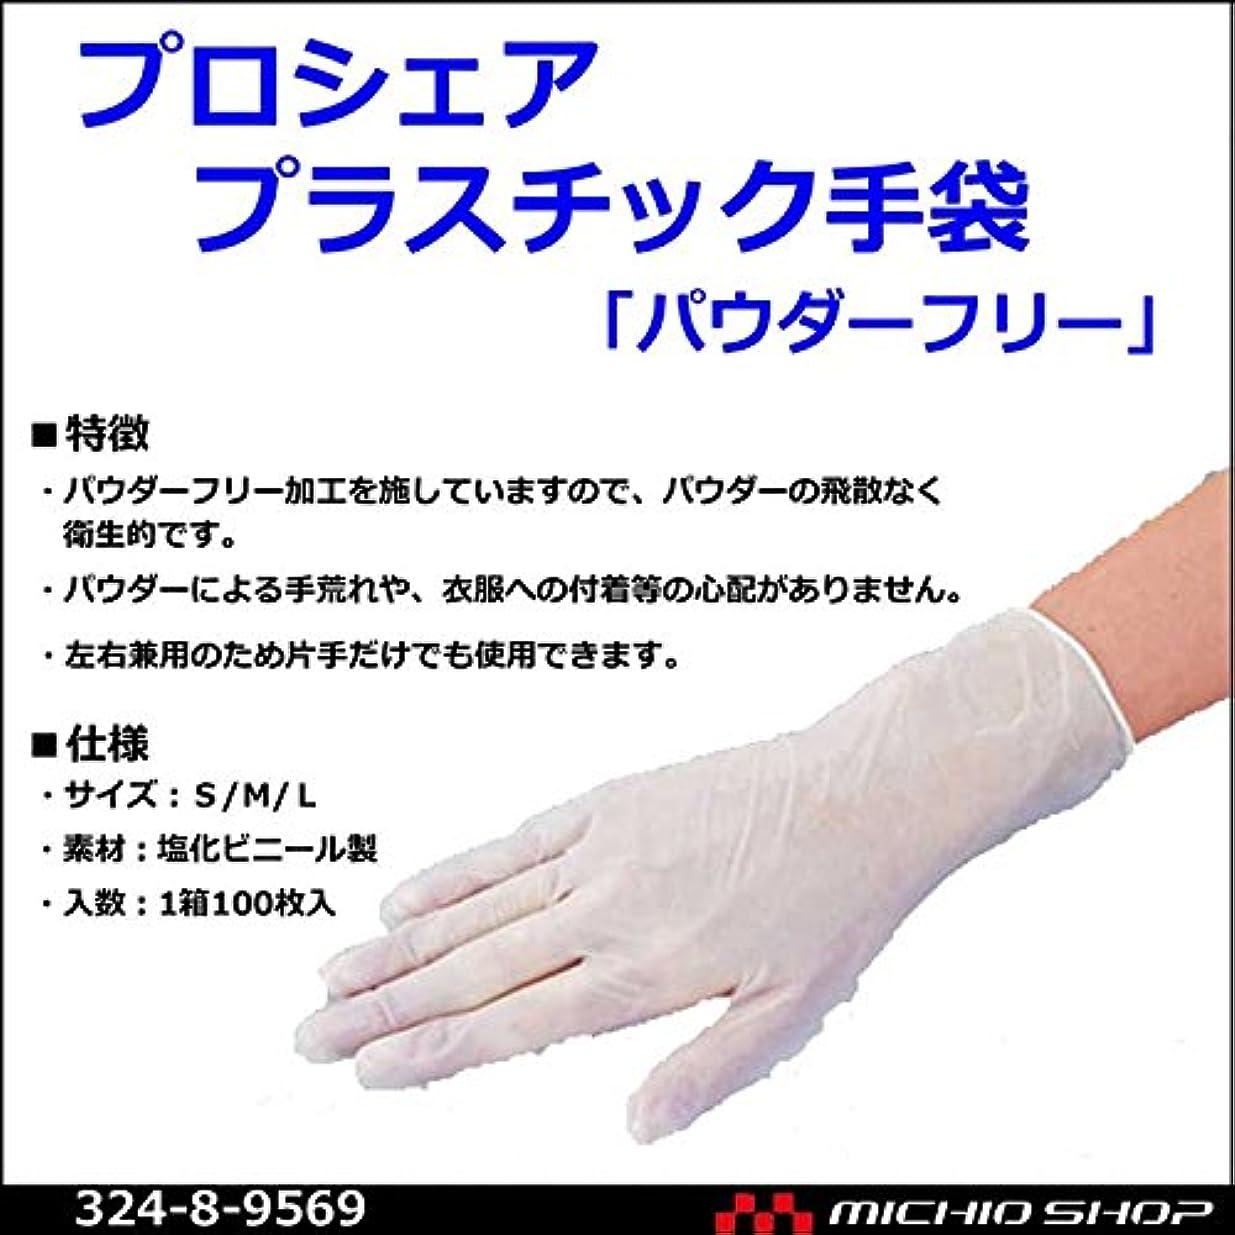 内部後者すりアズワン プロシェアプラスチック手袋 100枚入 8-9569 03 S